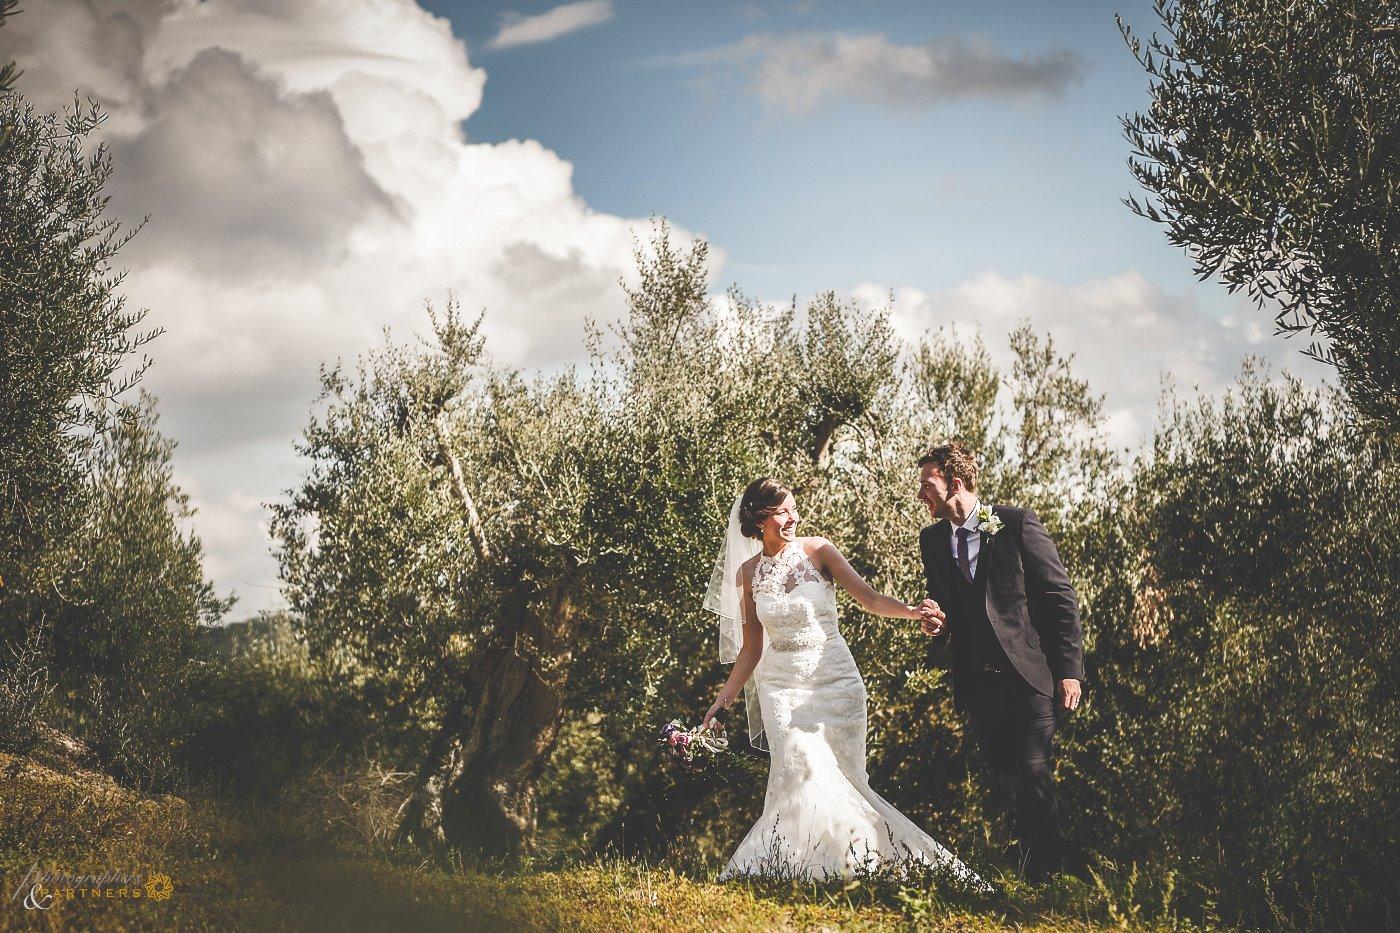 photography_weddings_cortona_17.jpg